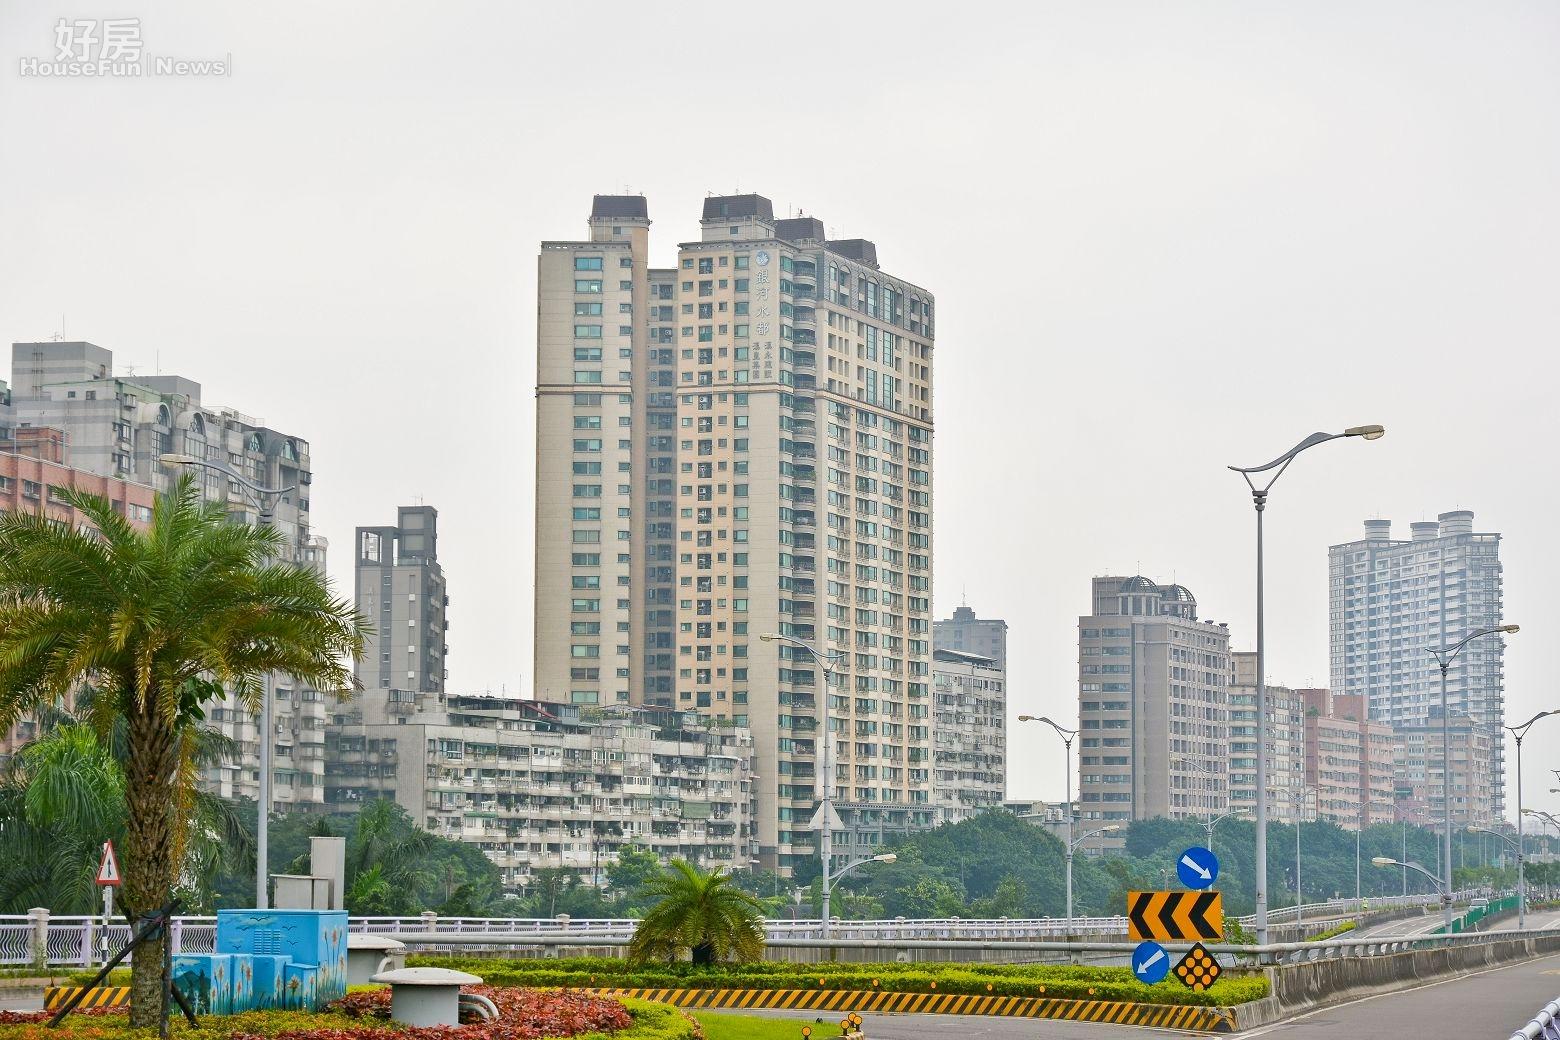 中和區秀朗橋旁水岸豪宅區,待捷運秀朗橋站完工後將成為水岸捷運宅。(好房News記者 陳韋帆/攝影)